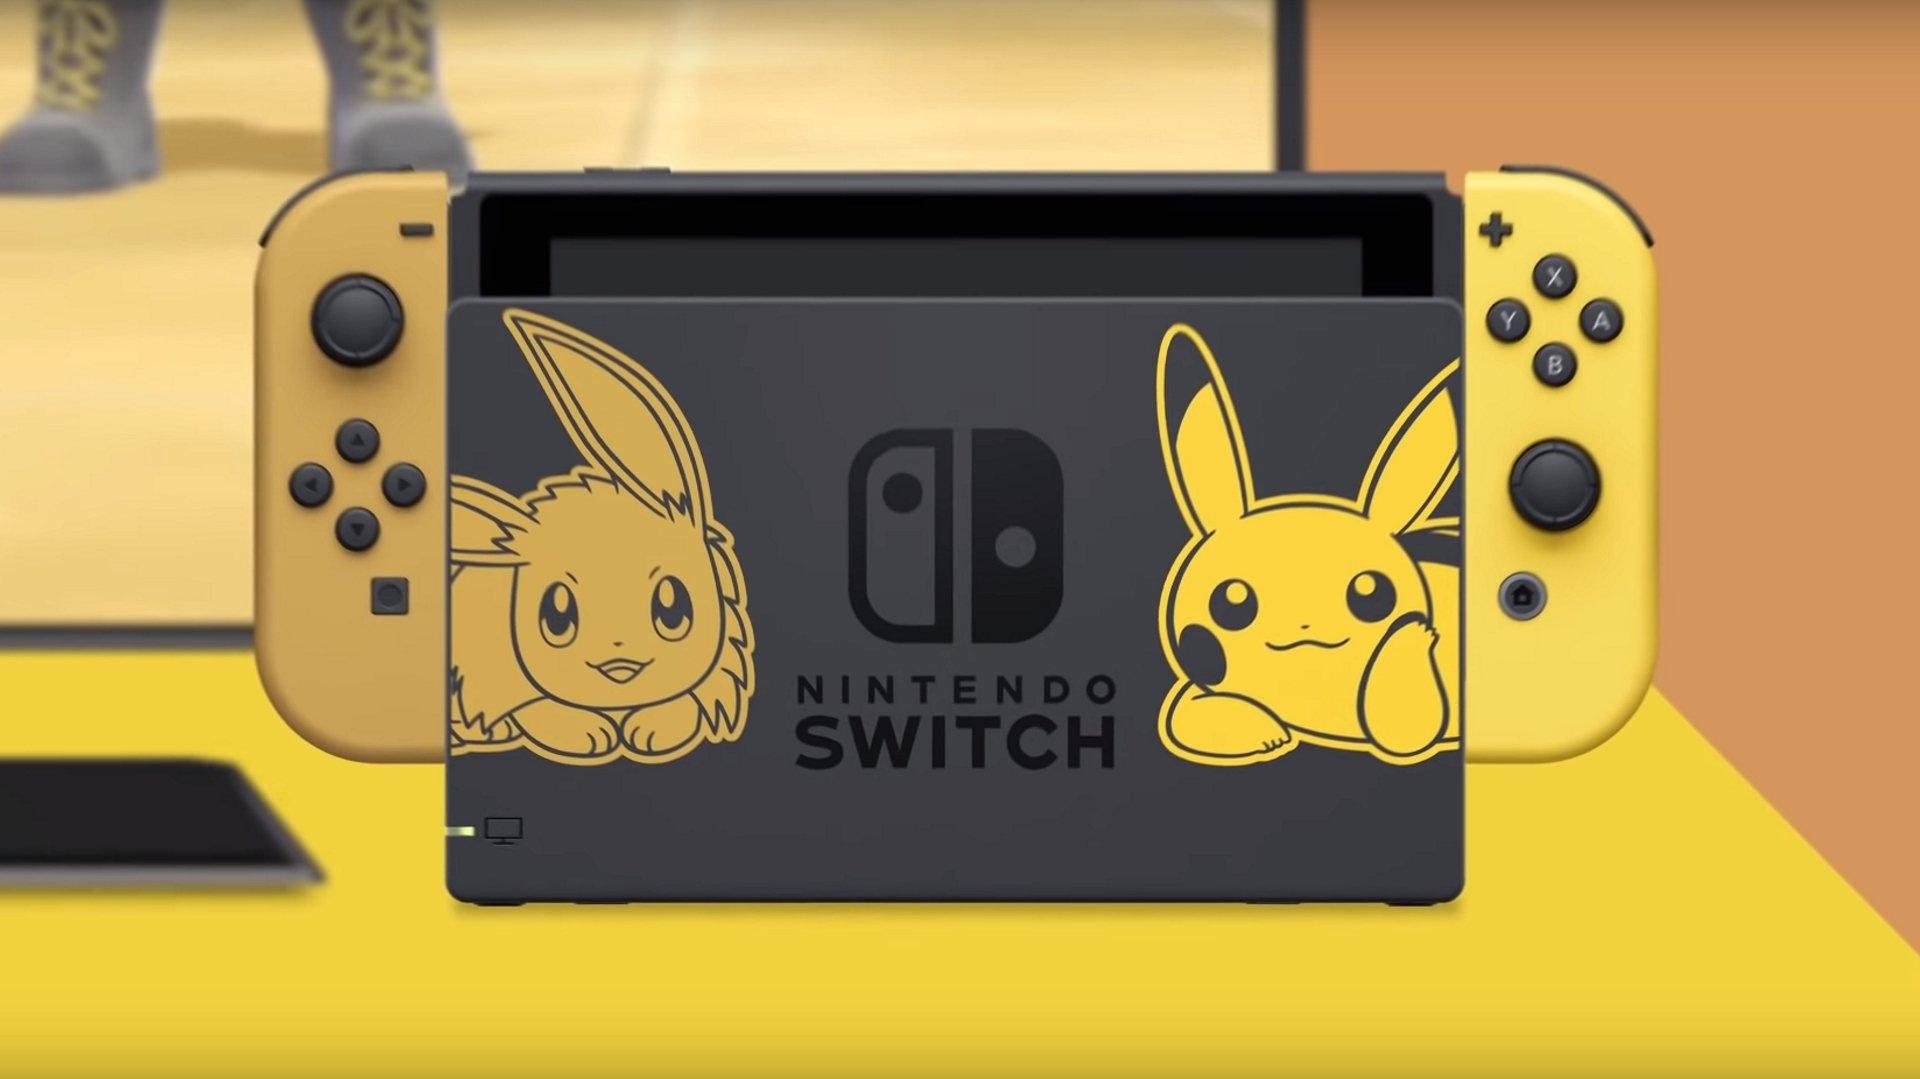 Un Pokémon Let's Go Pikachu/Eevee Switch en édition limitée est en route.